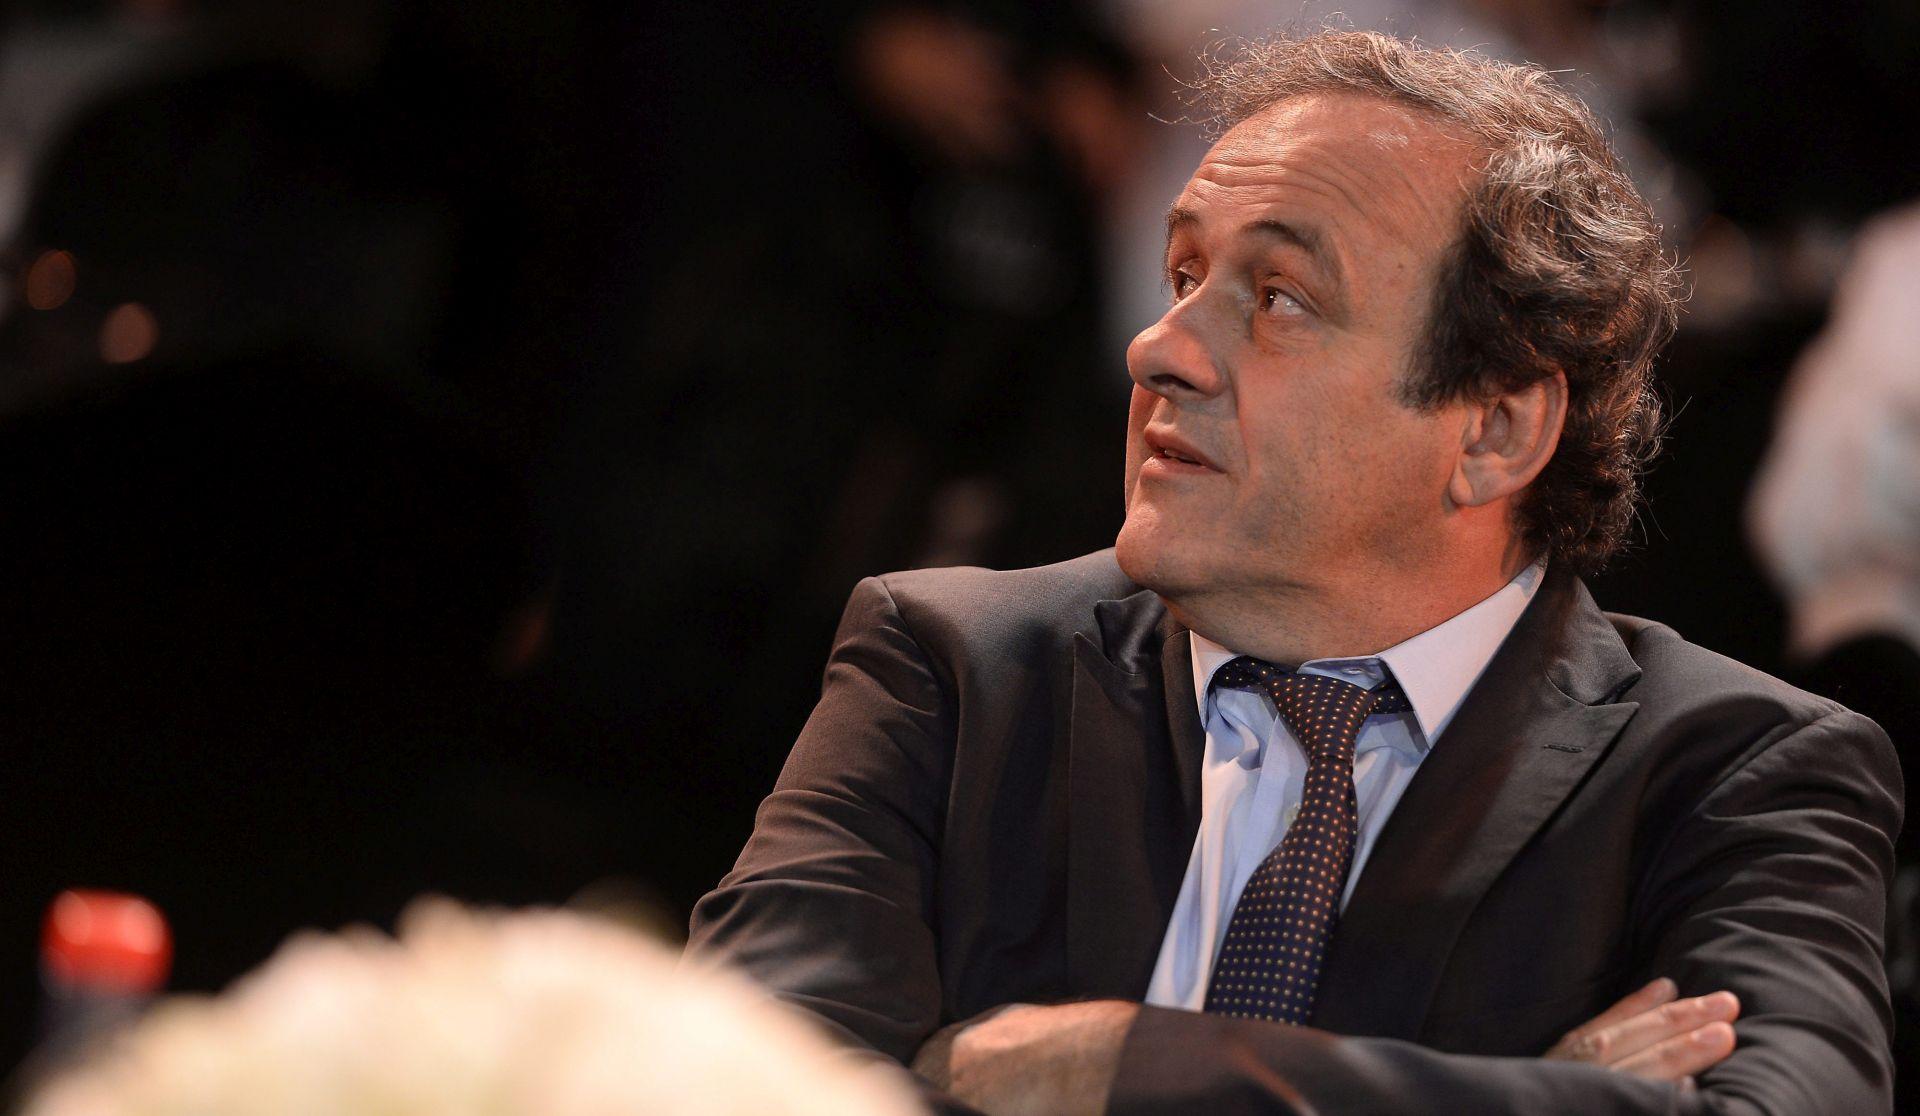 UEFA ODLUČILA Nema predsjedničkih izbora do zaključenja Platinijeve žalbe